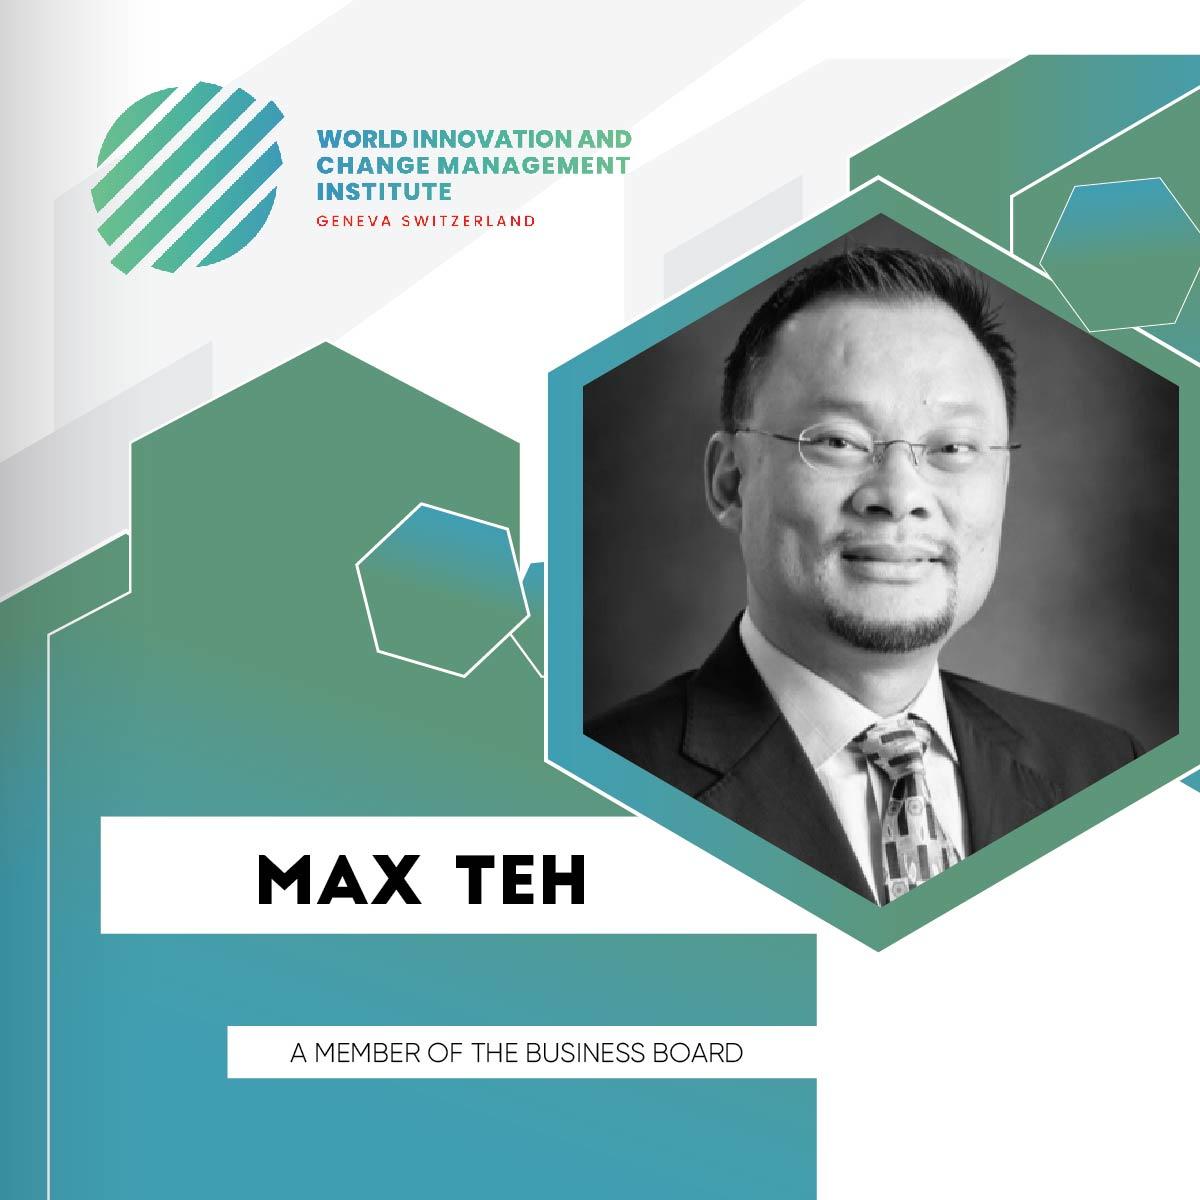 Max Teh